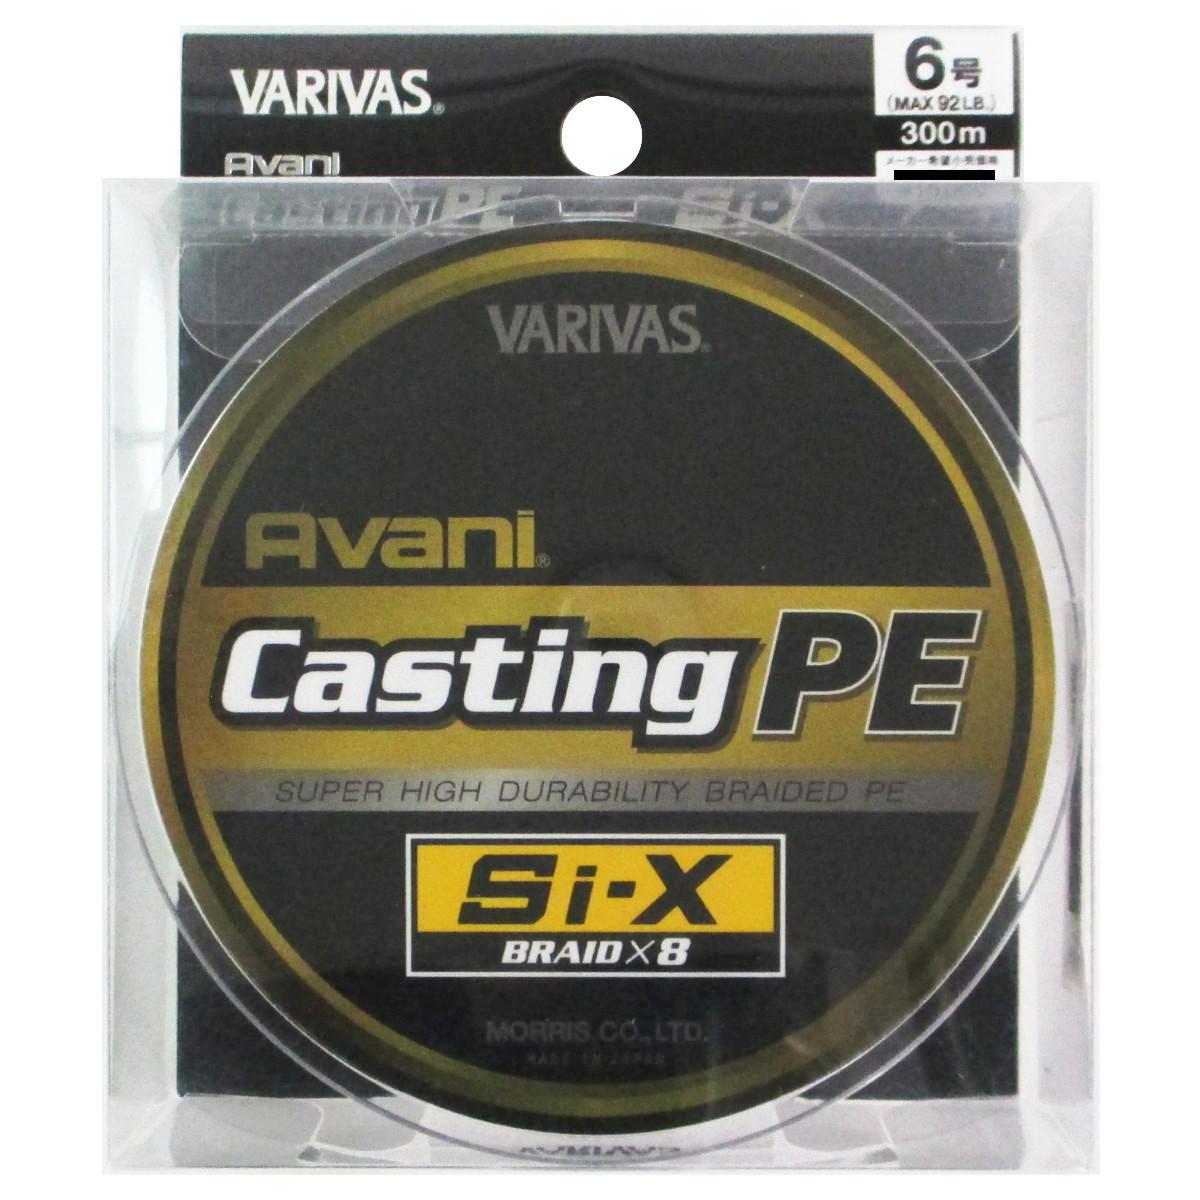 【8月30日エントリーで最大P36倍!】モーリス VARIVAS アバニ キャスティングPE Si-X 300m 6号